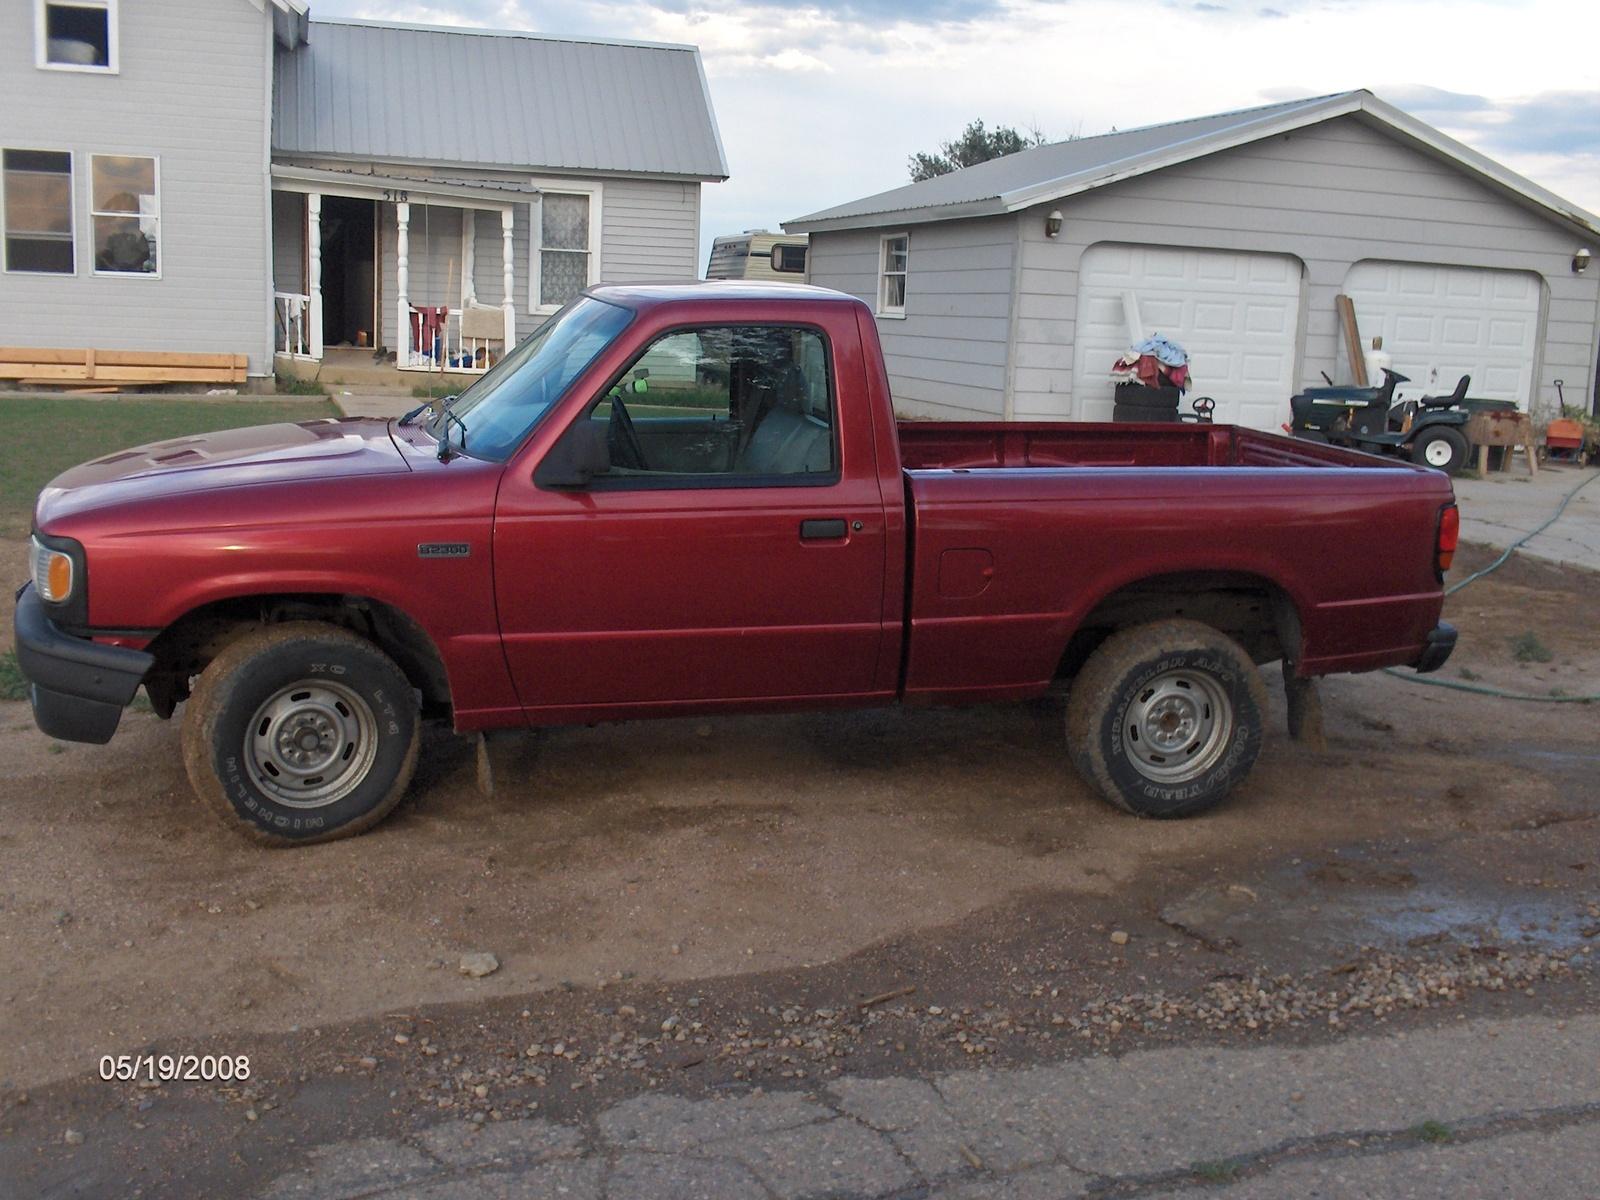 1997 mazda b series pickup information and photos zombiedrive 97 Mazda Models 1997 mazda b series pickup 8 mazda b series pickup 8